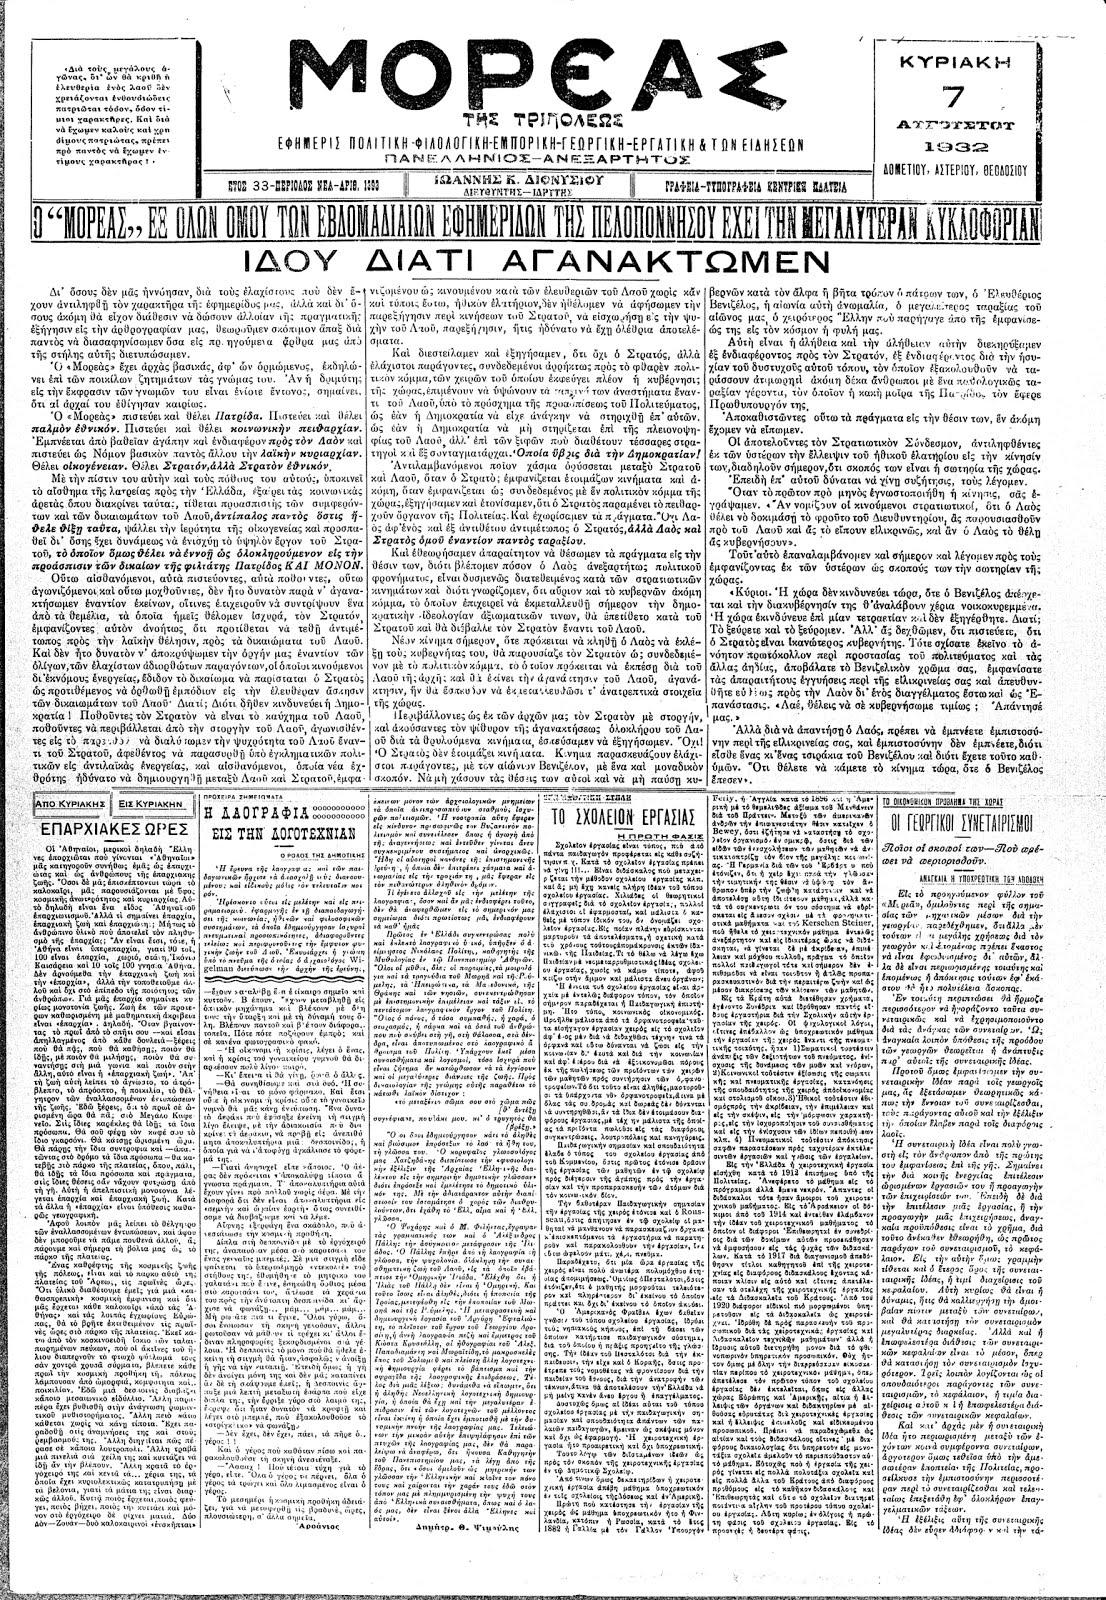 Μορέας της Τριπόλεως [1900]